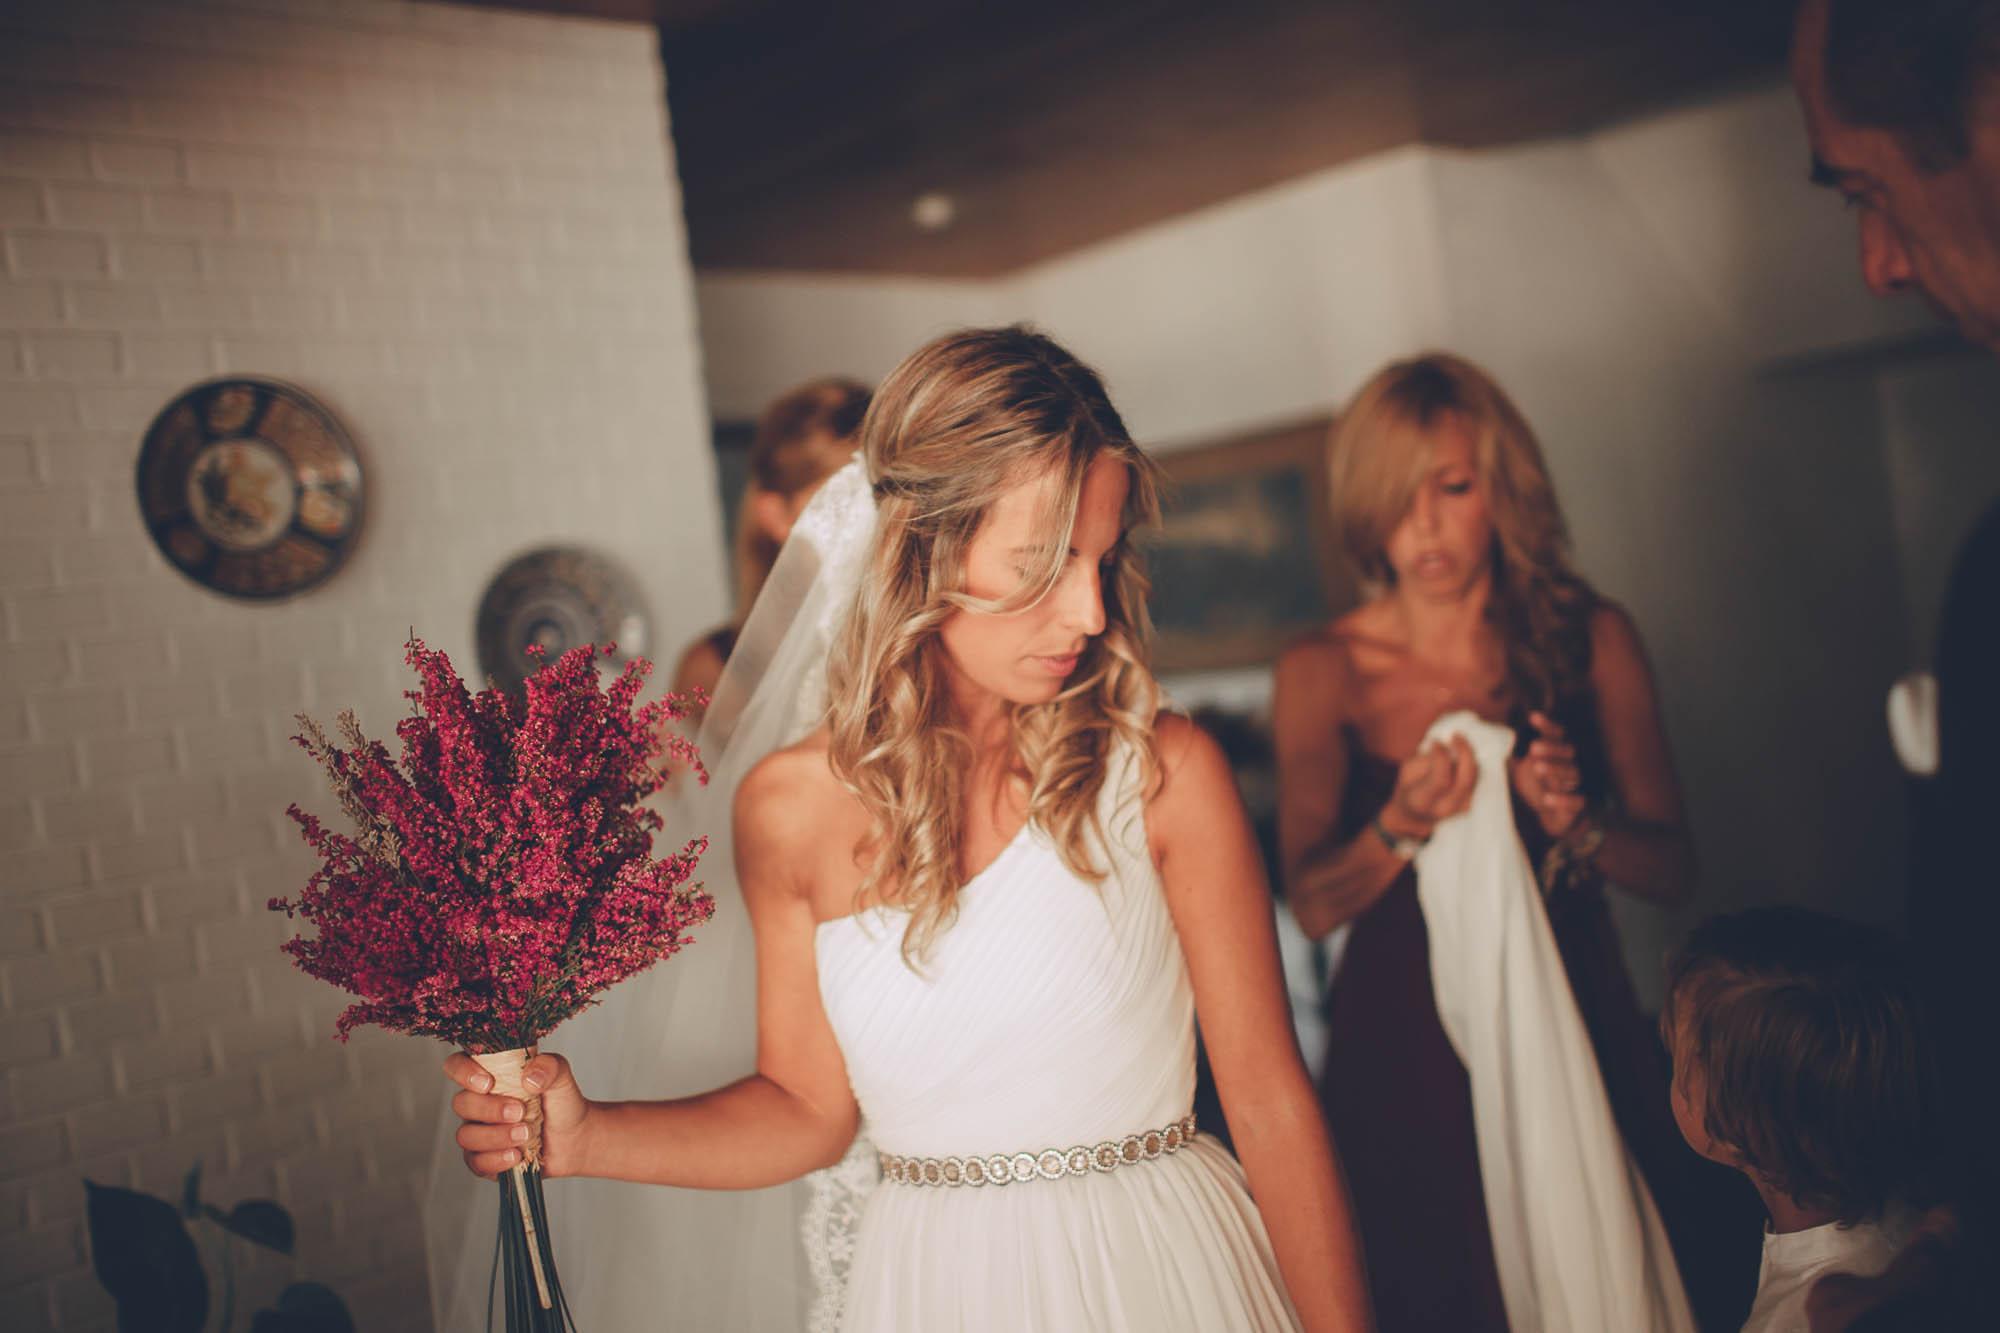 La novia sostiene el ramo en los preparativos